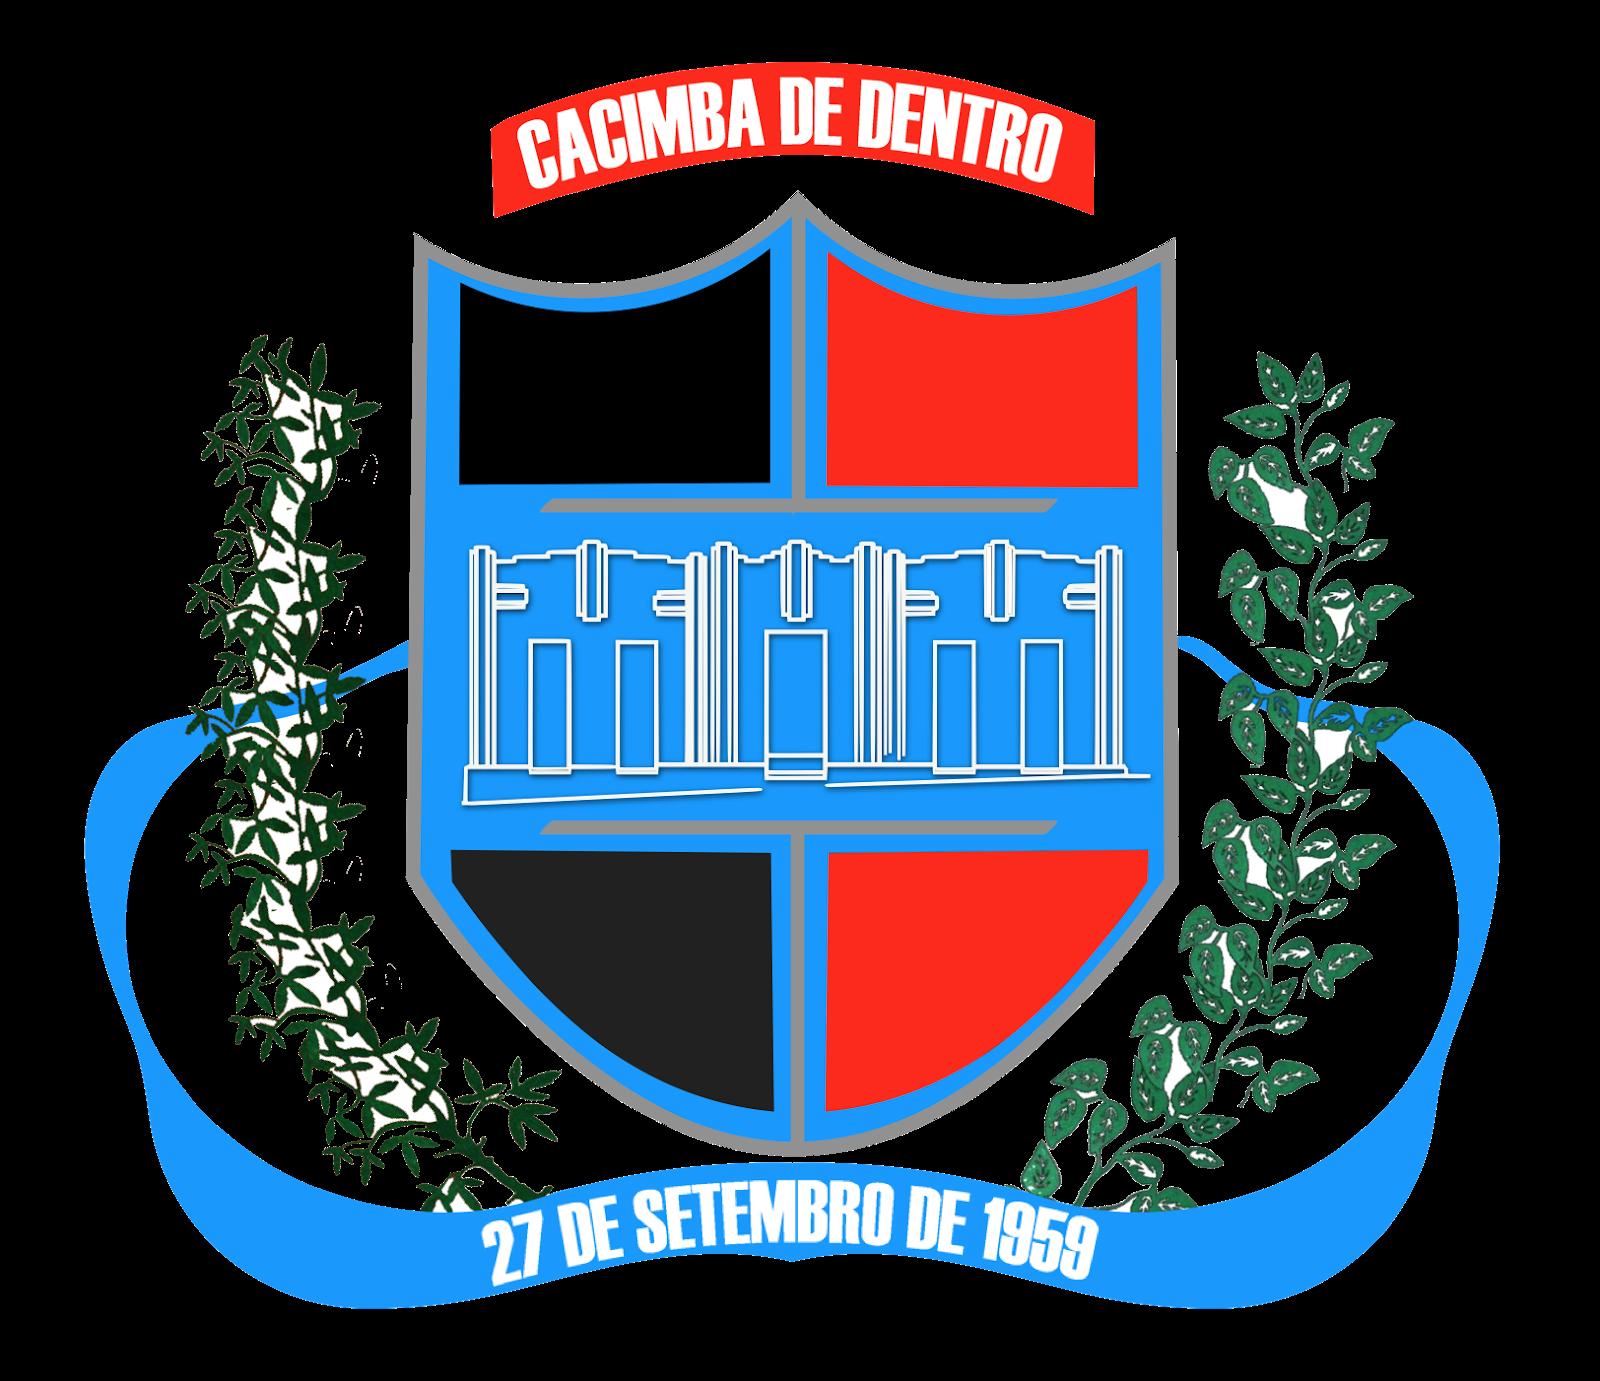 BRASÃO DE CACIMBA DE DENTRO - OFICIAL